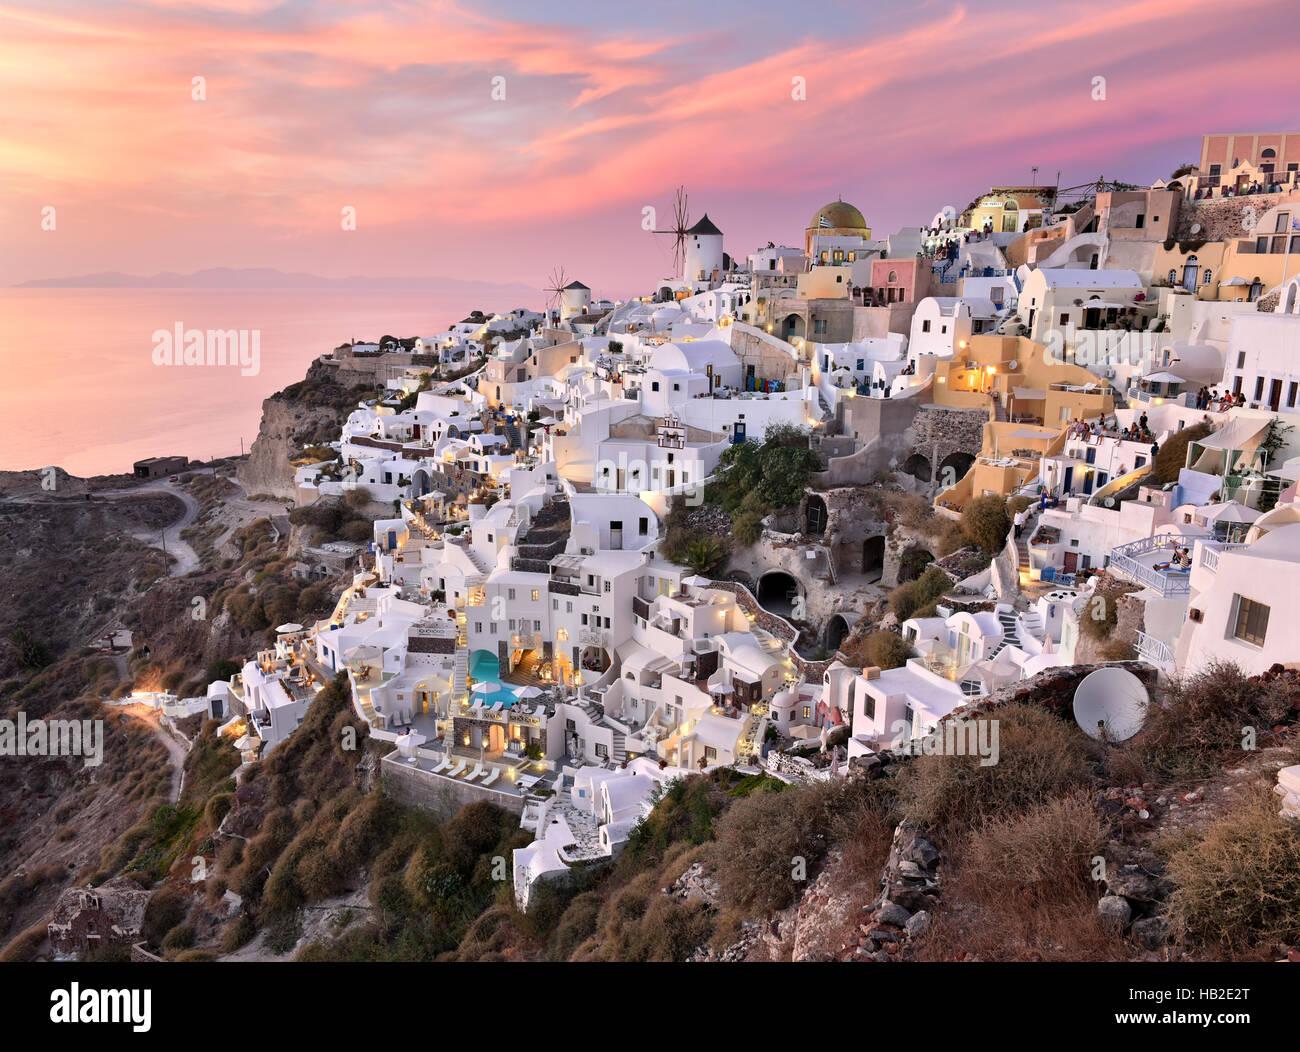 Dorf Oia im Stil der Kykladen-Architektur in Santorini, Griechenland während einer rosafarbenen Sonnenuntergang. Stockbild